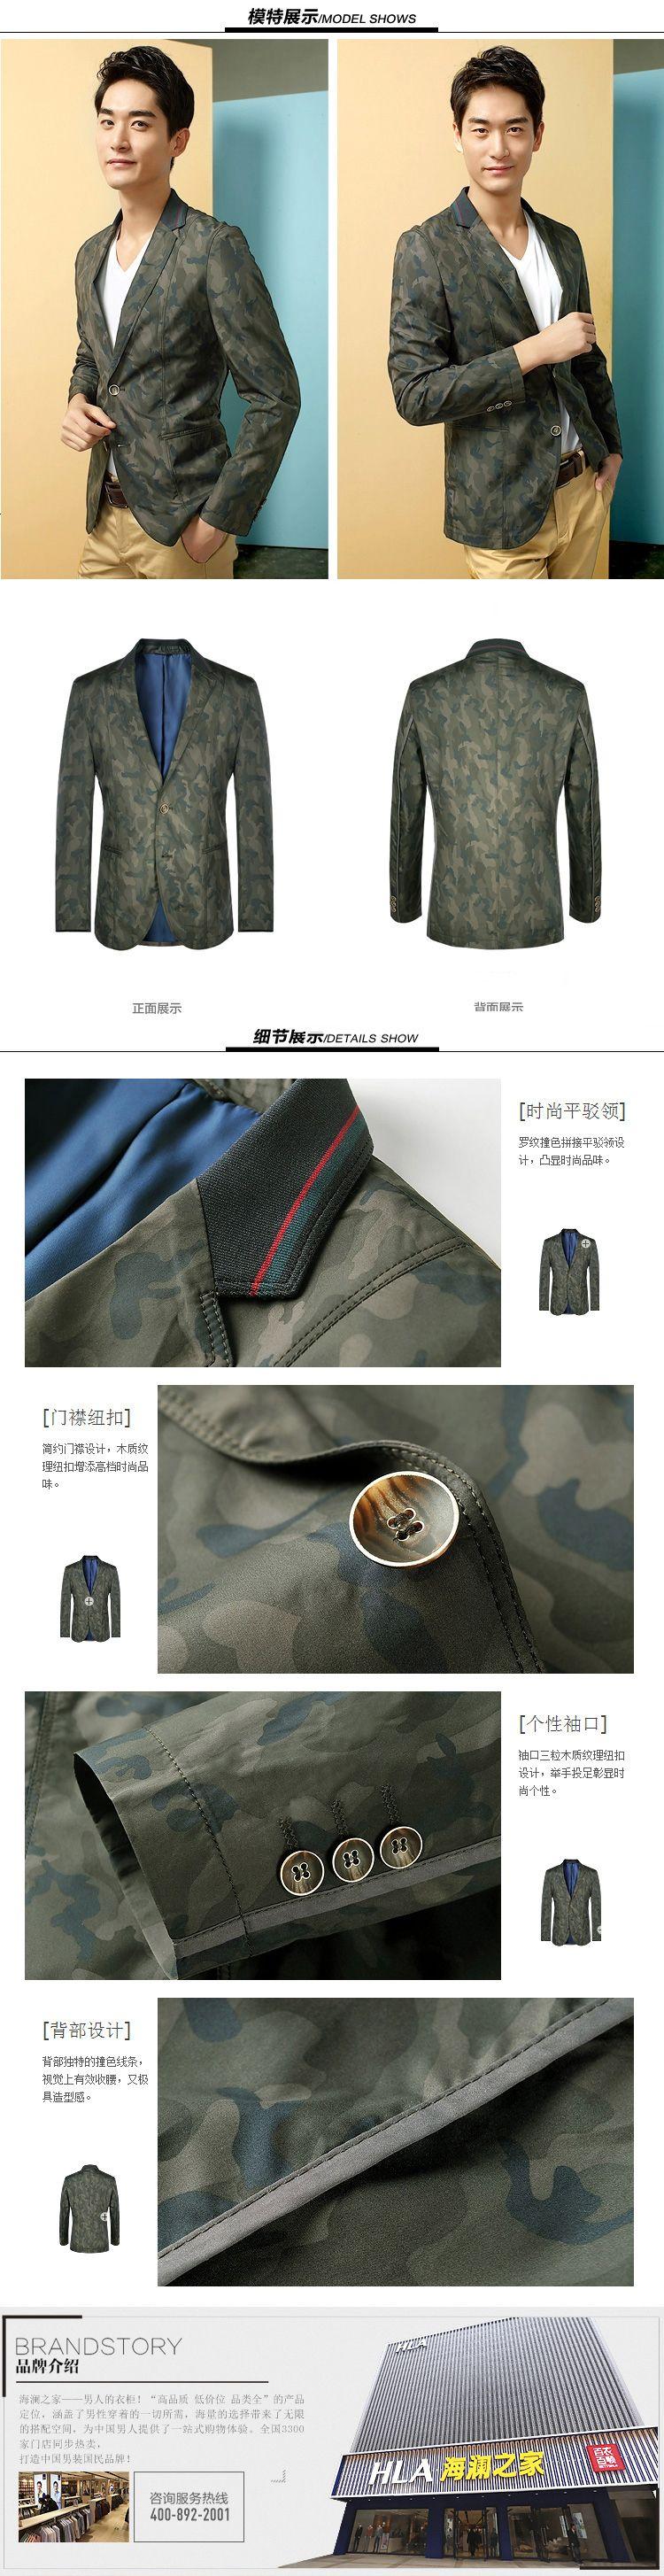 海澜之家军绿花纹男士休闲韩版迷彩西装外套hwxaj1a